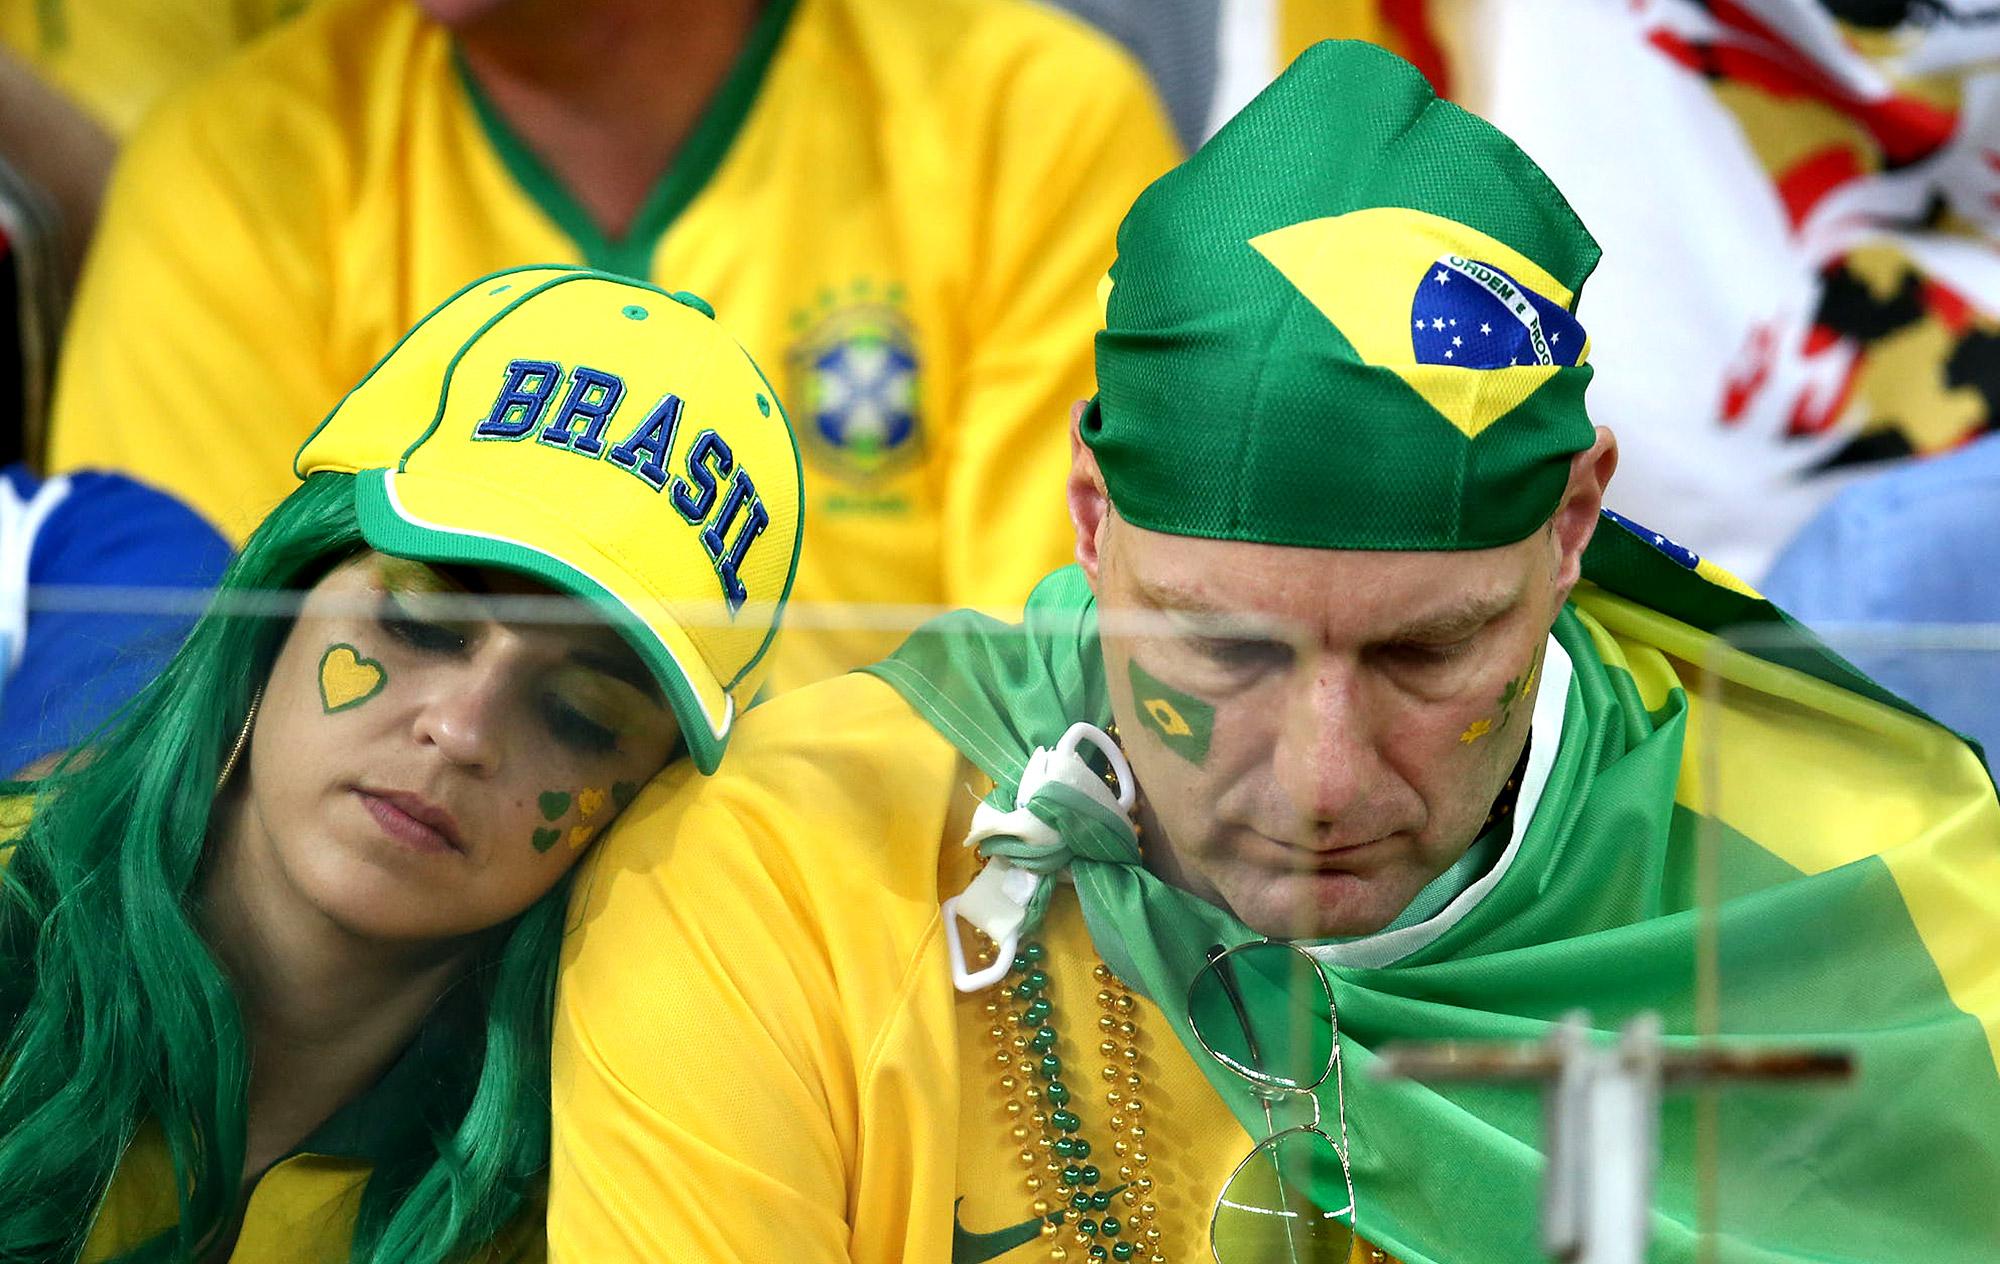 Testemunhas da história: como a torcida brasileira viveu o vexame | globoesporte.com